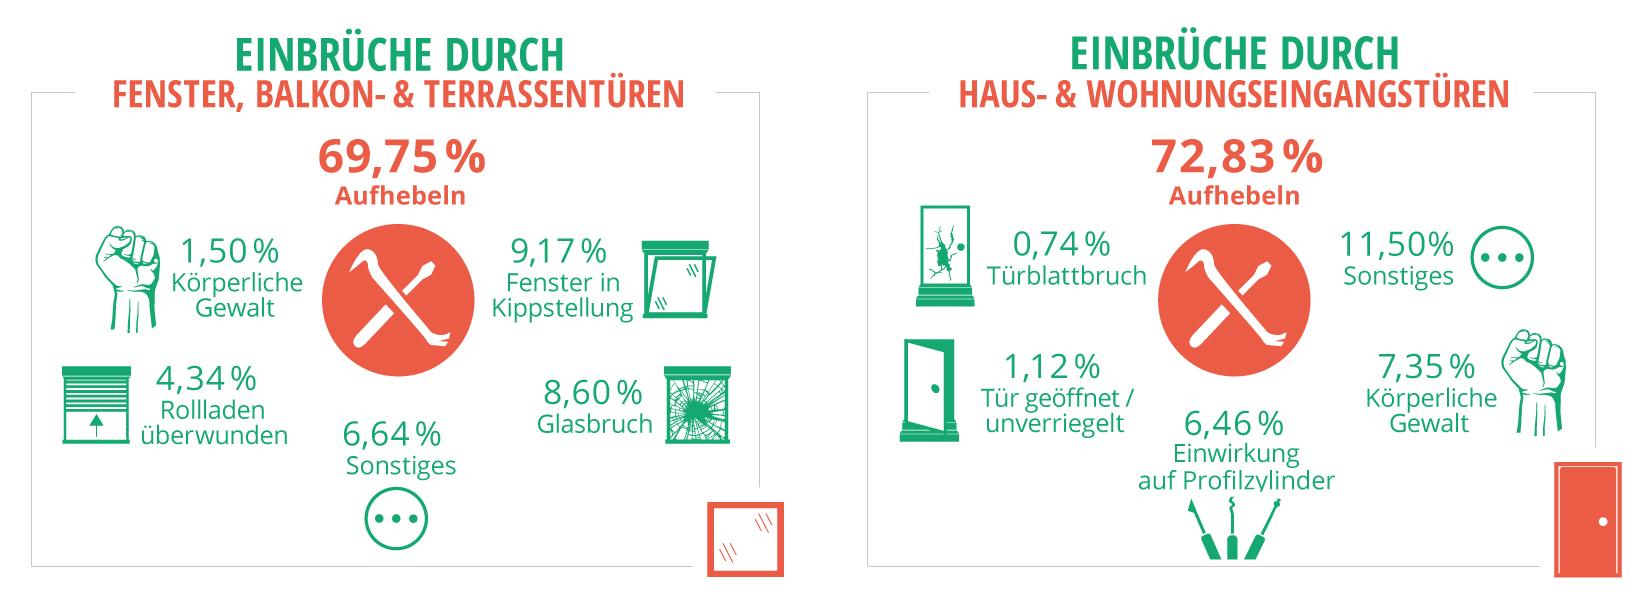 Vorgehensweisen der Einbrecher - Kölner Studie